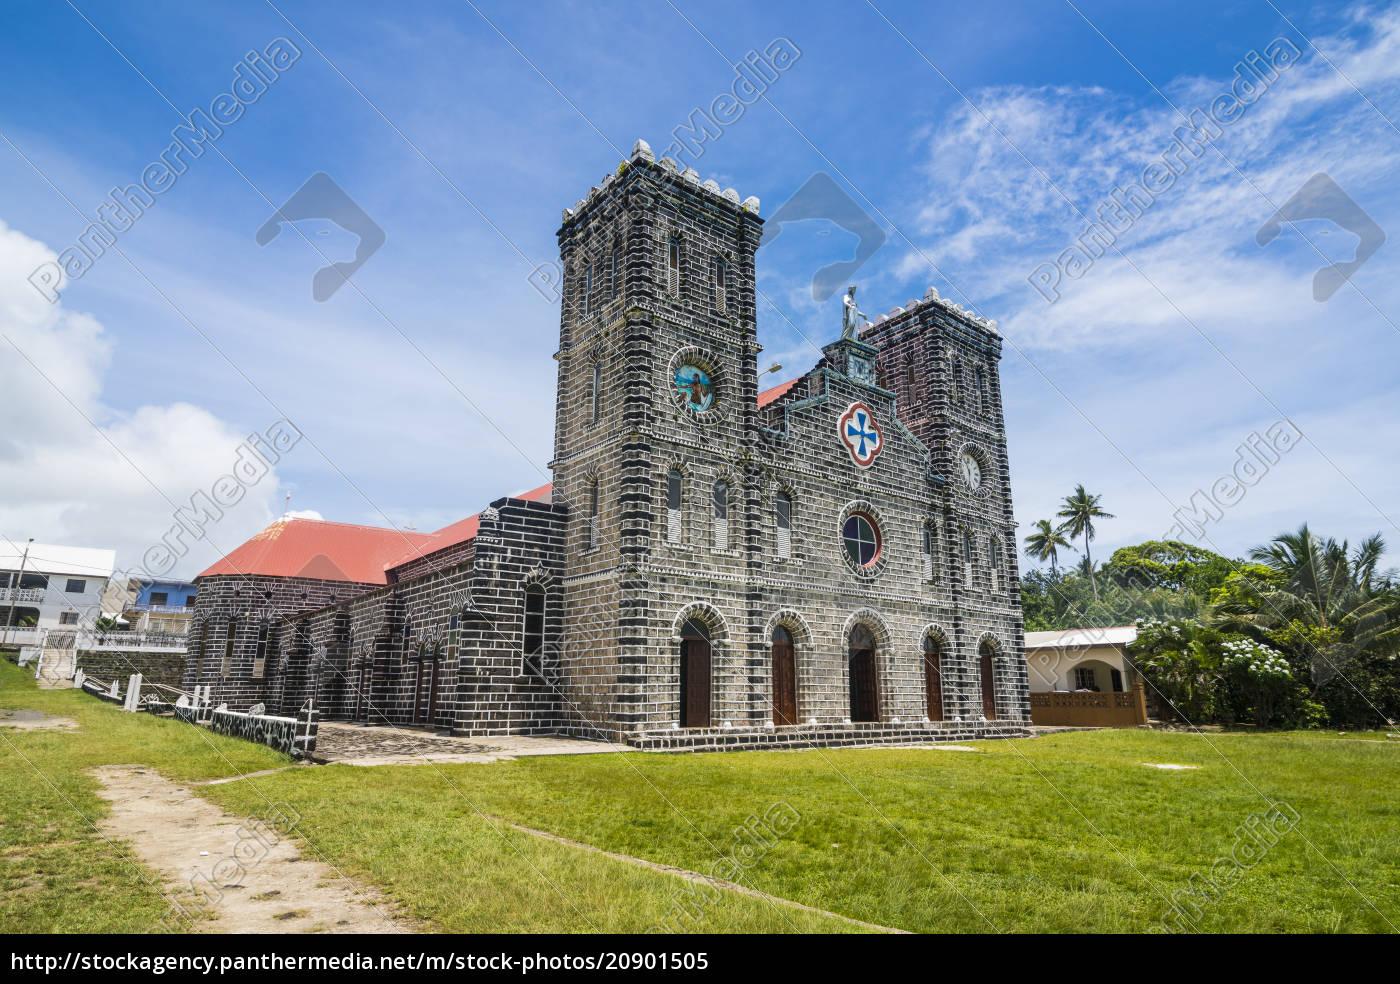 fahrt, reisen, architektonisch, historisch, geschichtlich, religion - 20901505